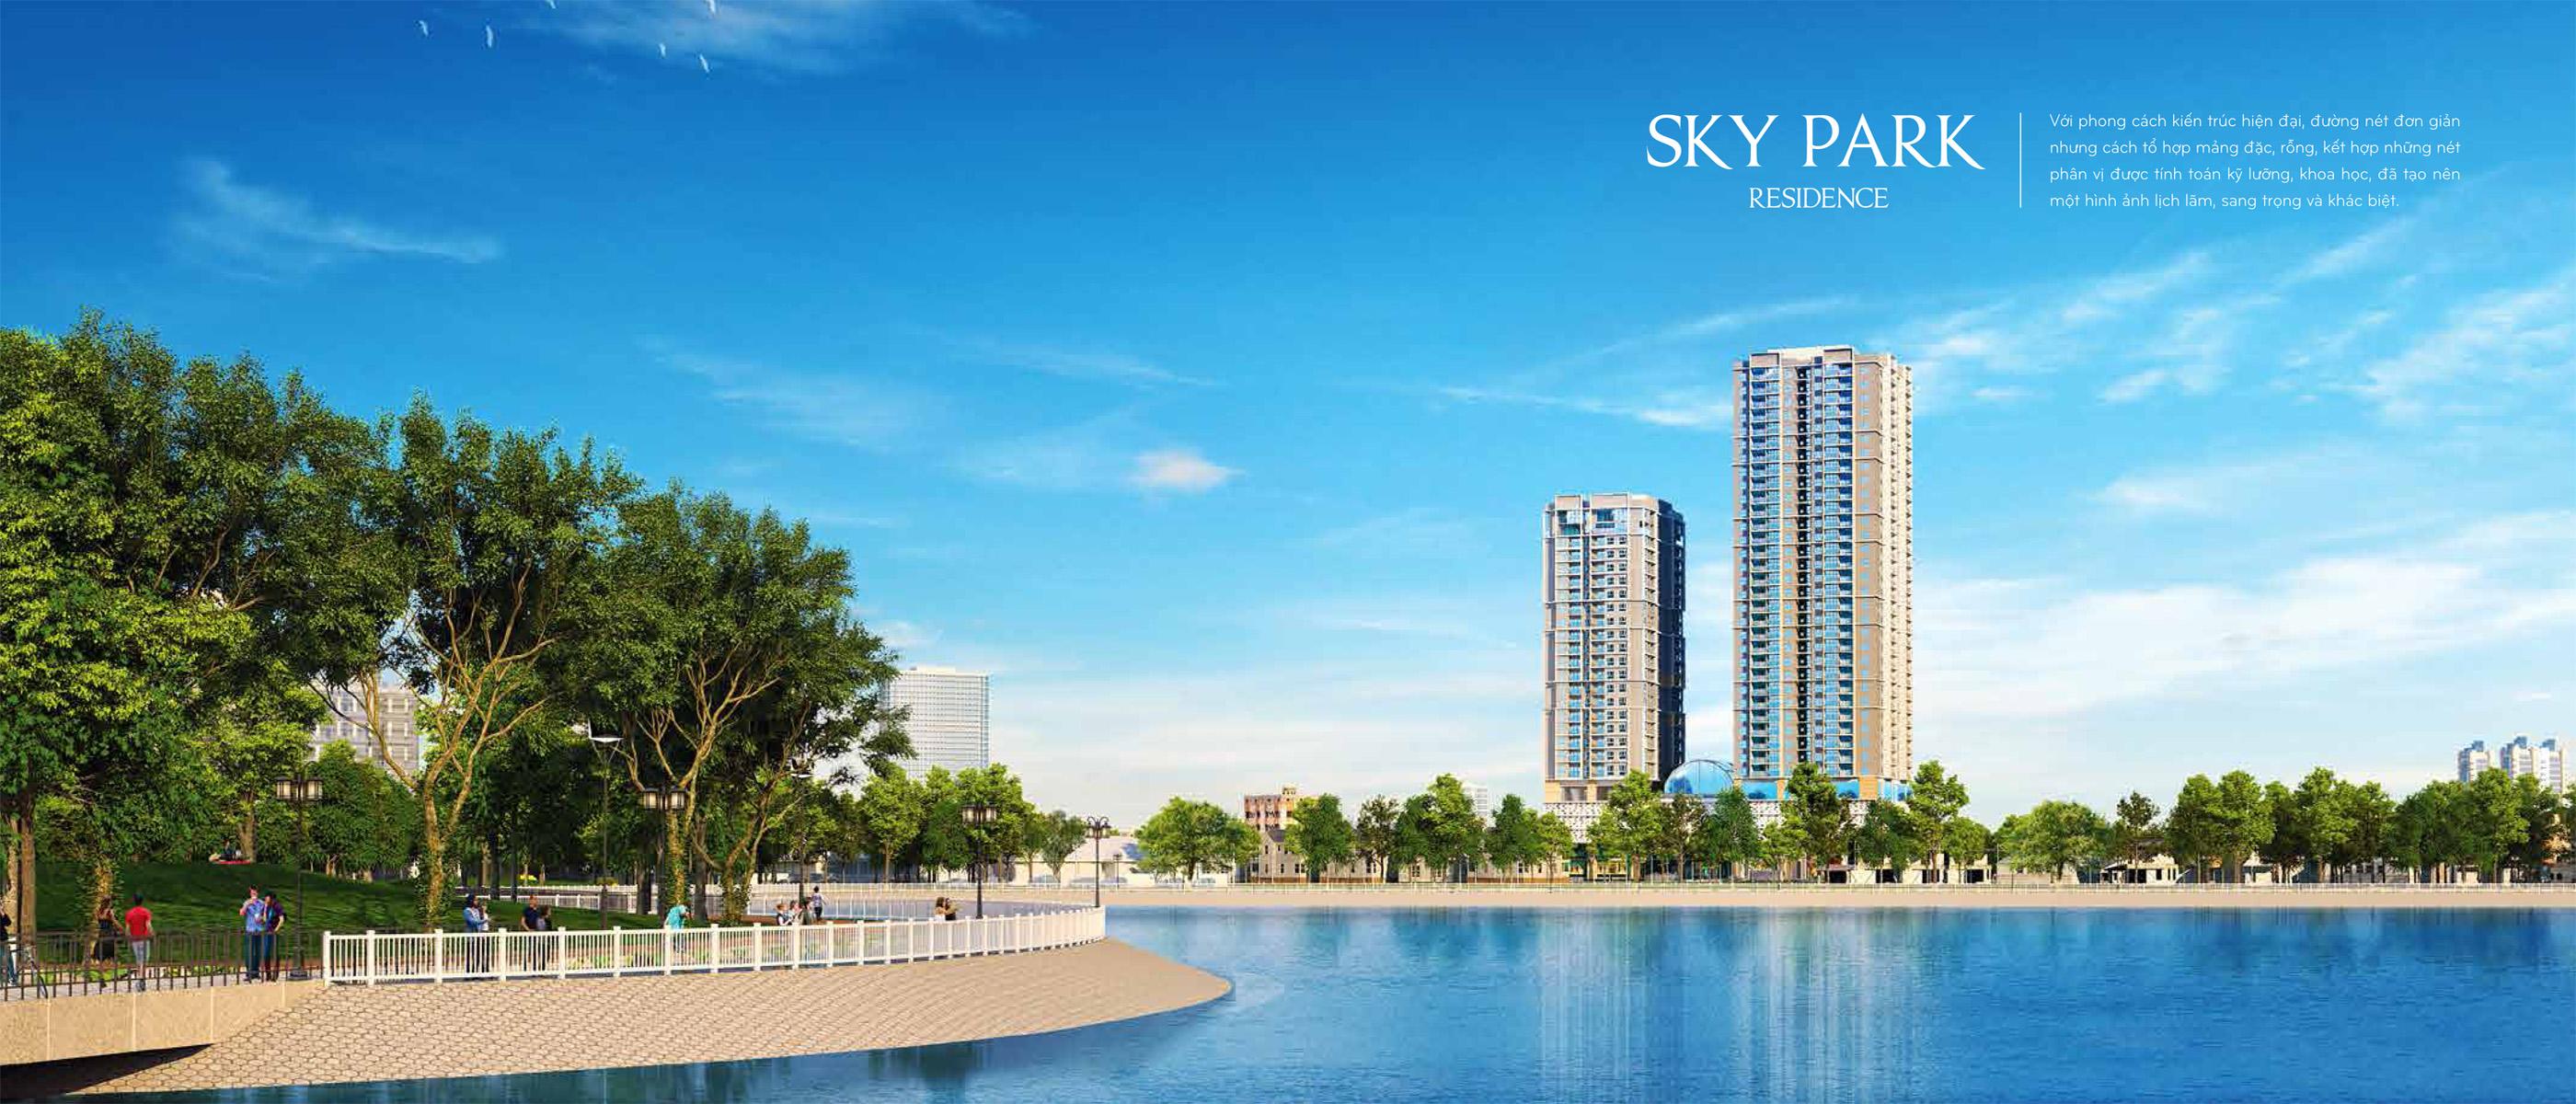 Sky Park Residence – Căn hộ Chuẩn cao cấp Cầu Giấy